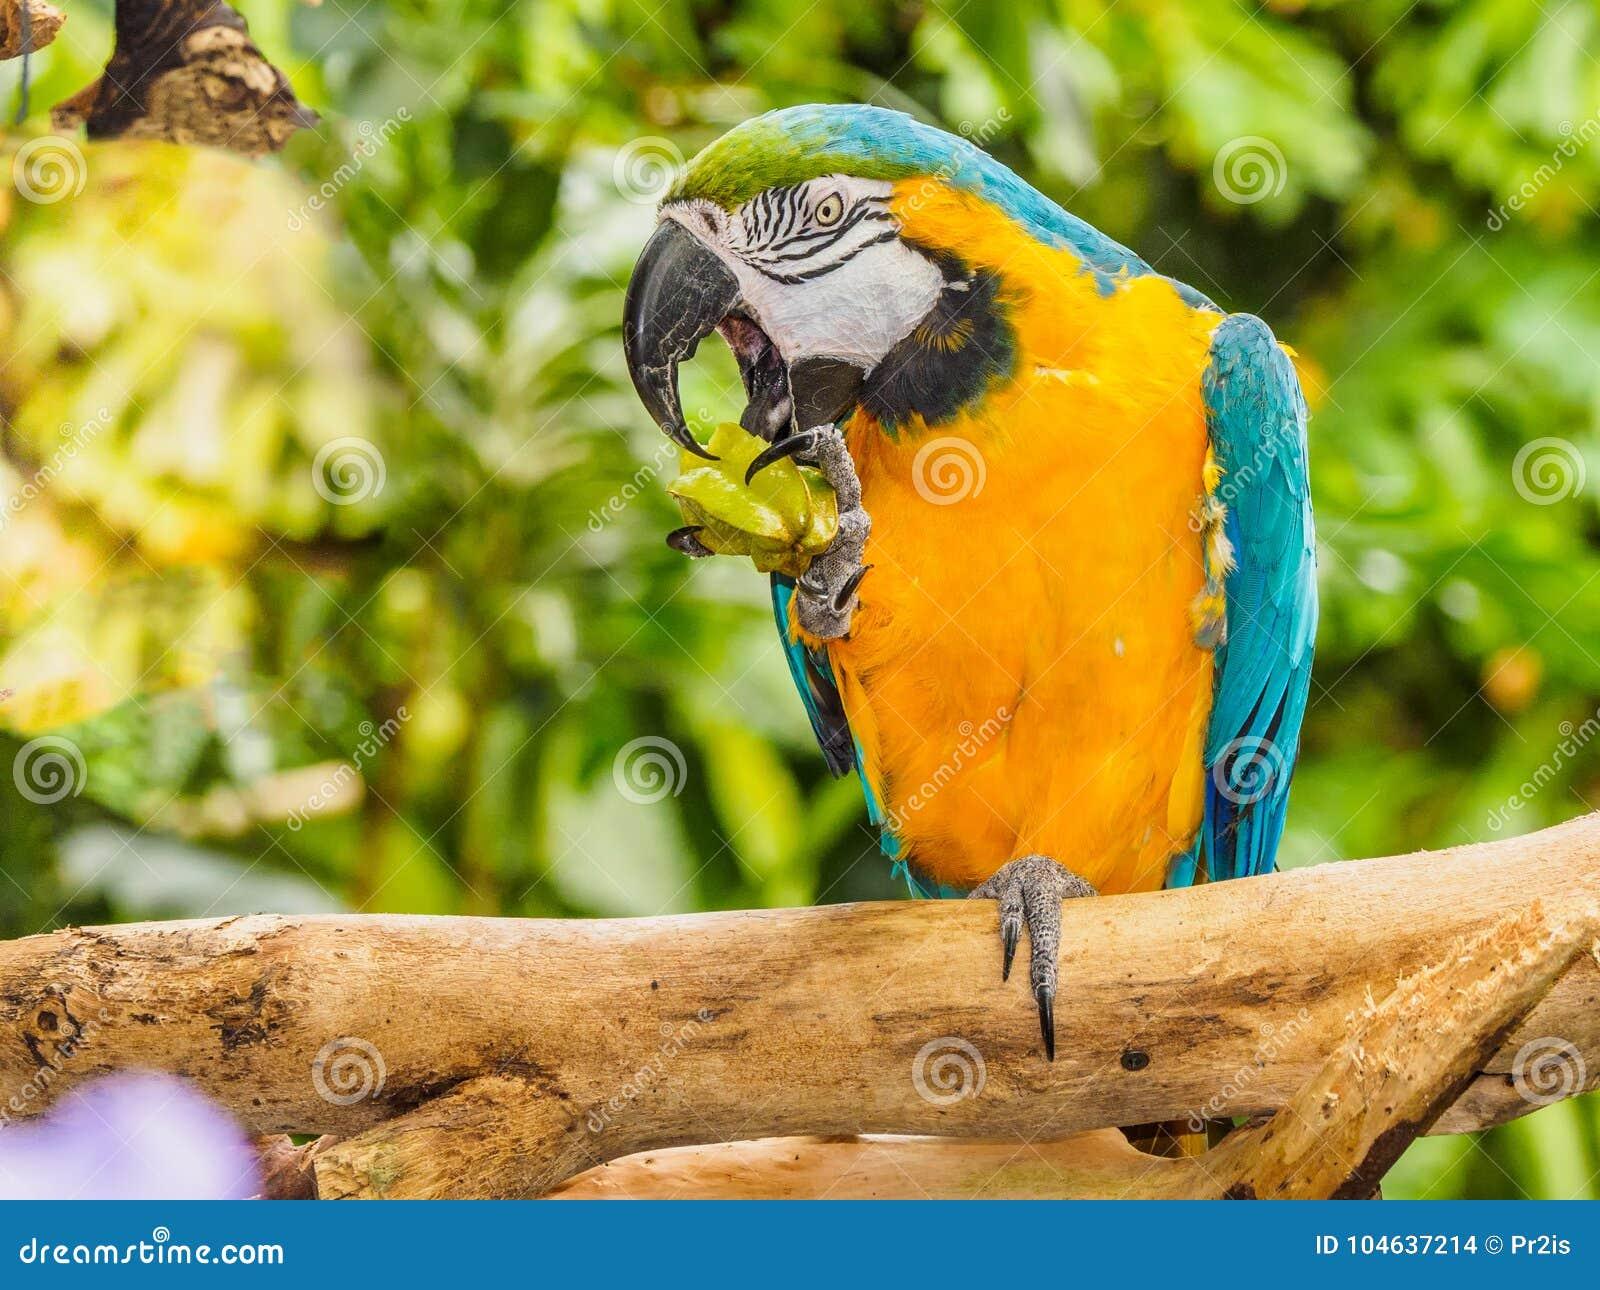 Download Blauw-en-gele Ara - Ararauna Van Aronskelken Stock Foto - Afbeelding bestaande uit veren, volledig: 104637214